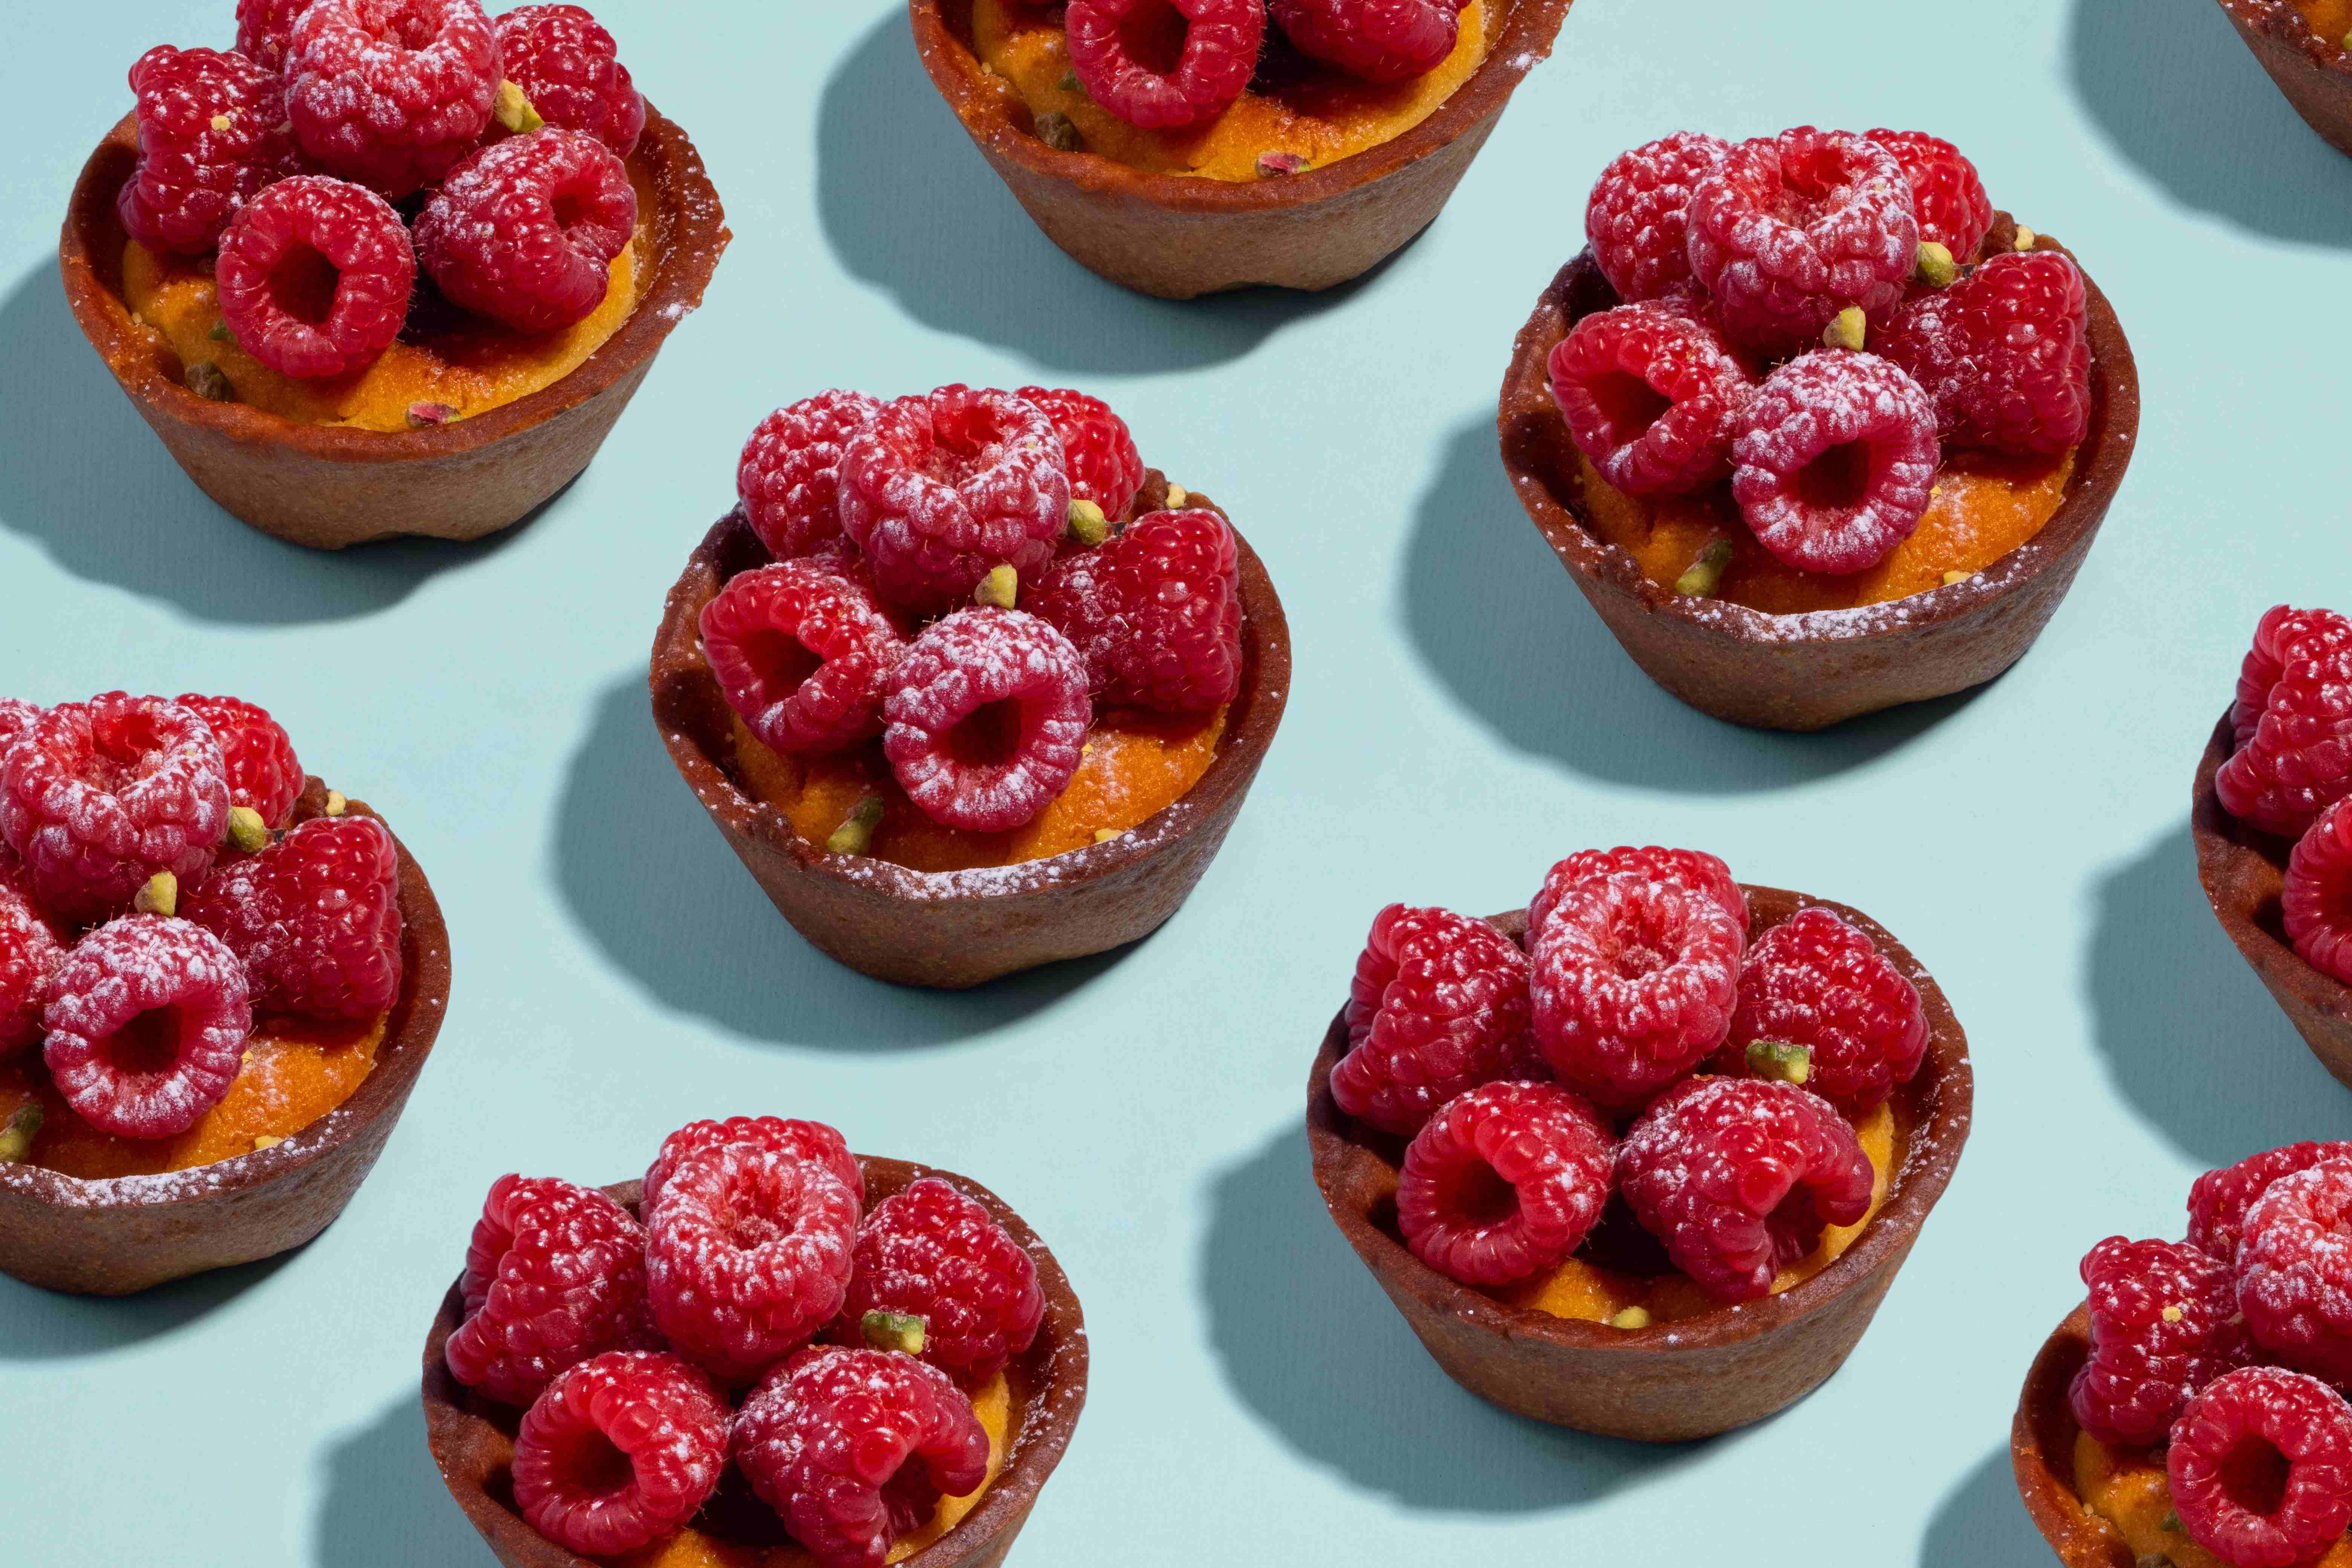 Bakehouse raspberry frangipane tart